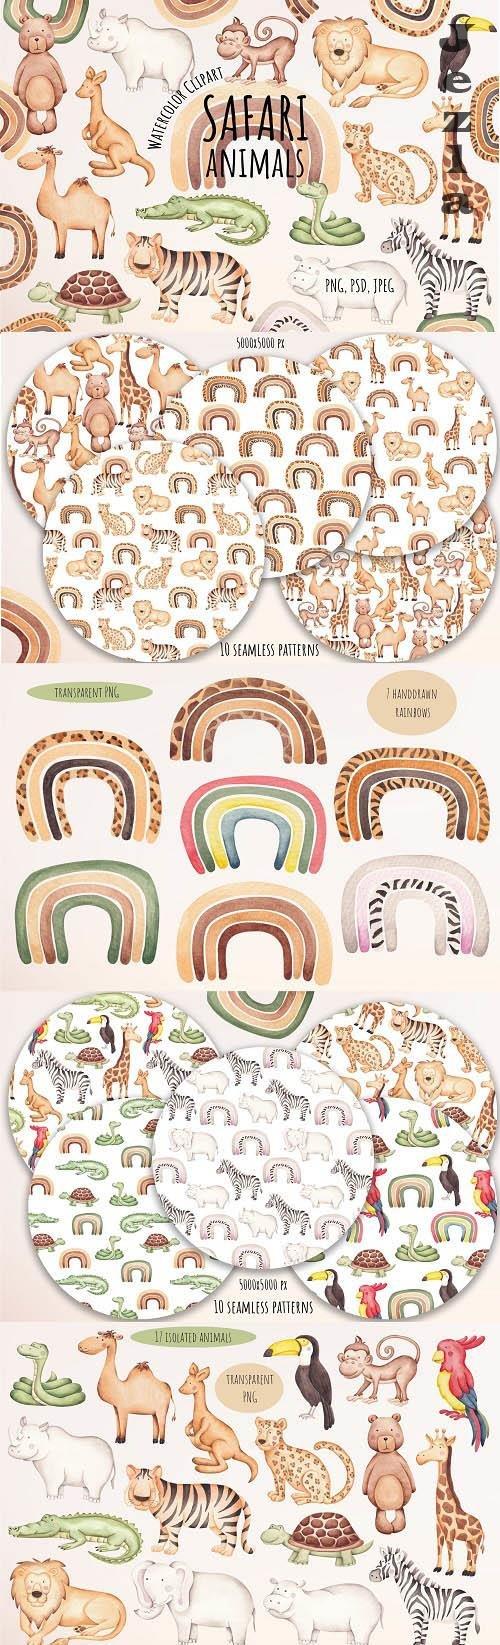 Watercolor Clipart Safari Animals - 1484564